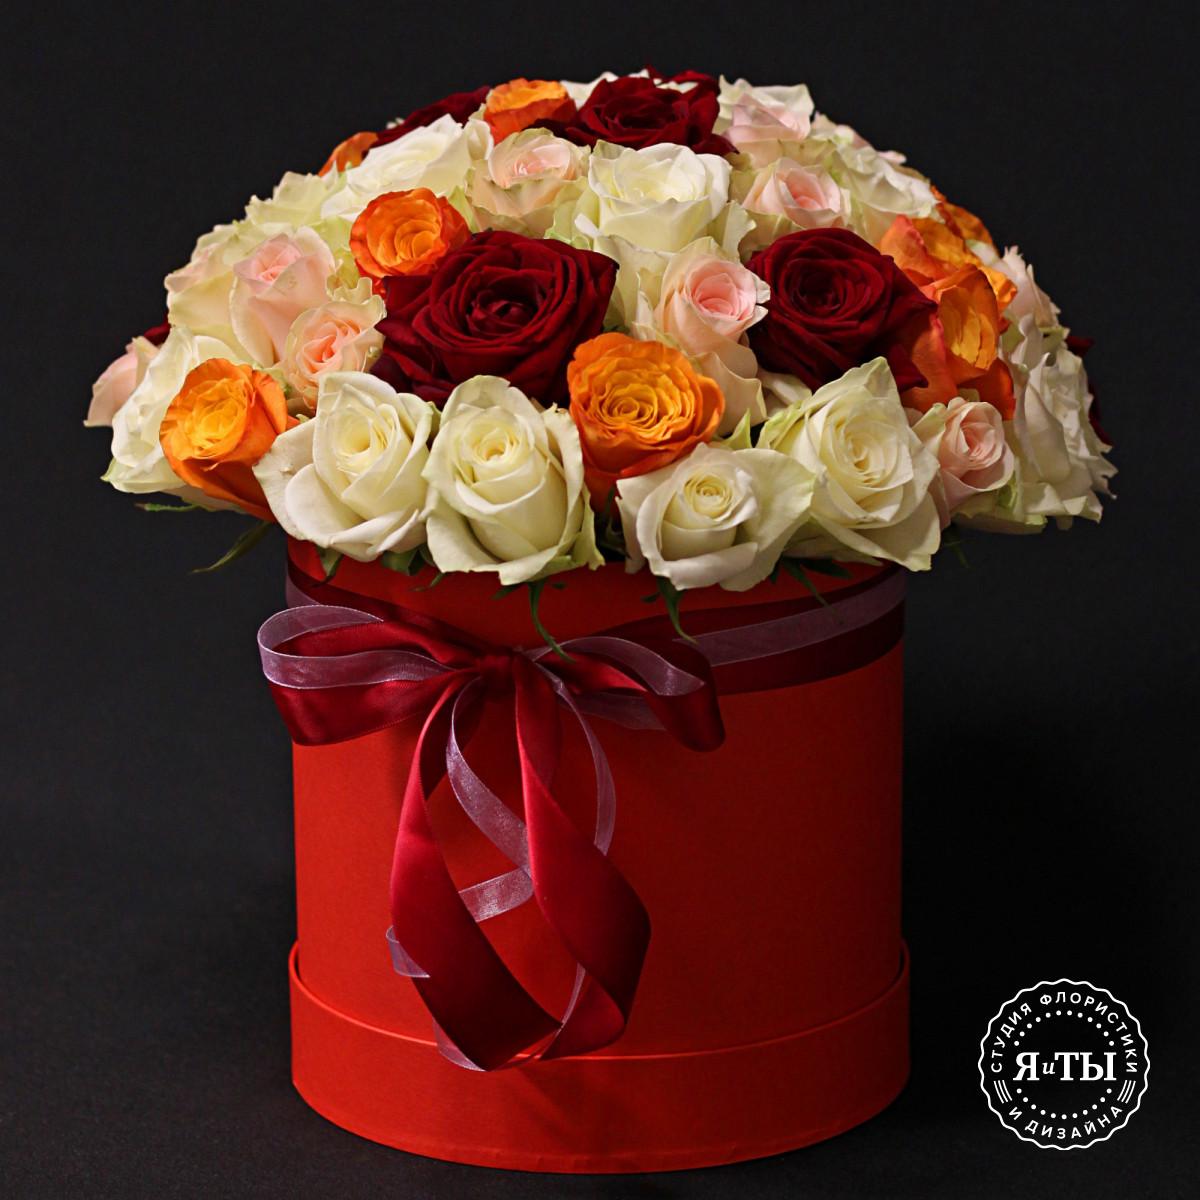 Шляпная коробка из роз